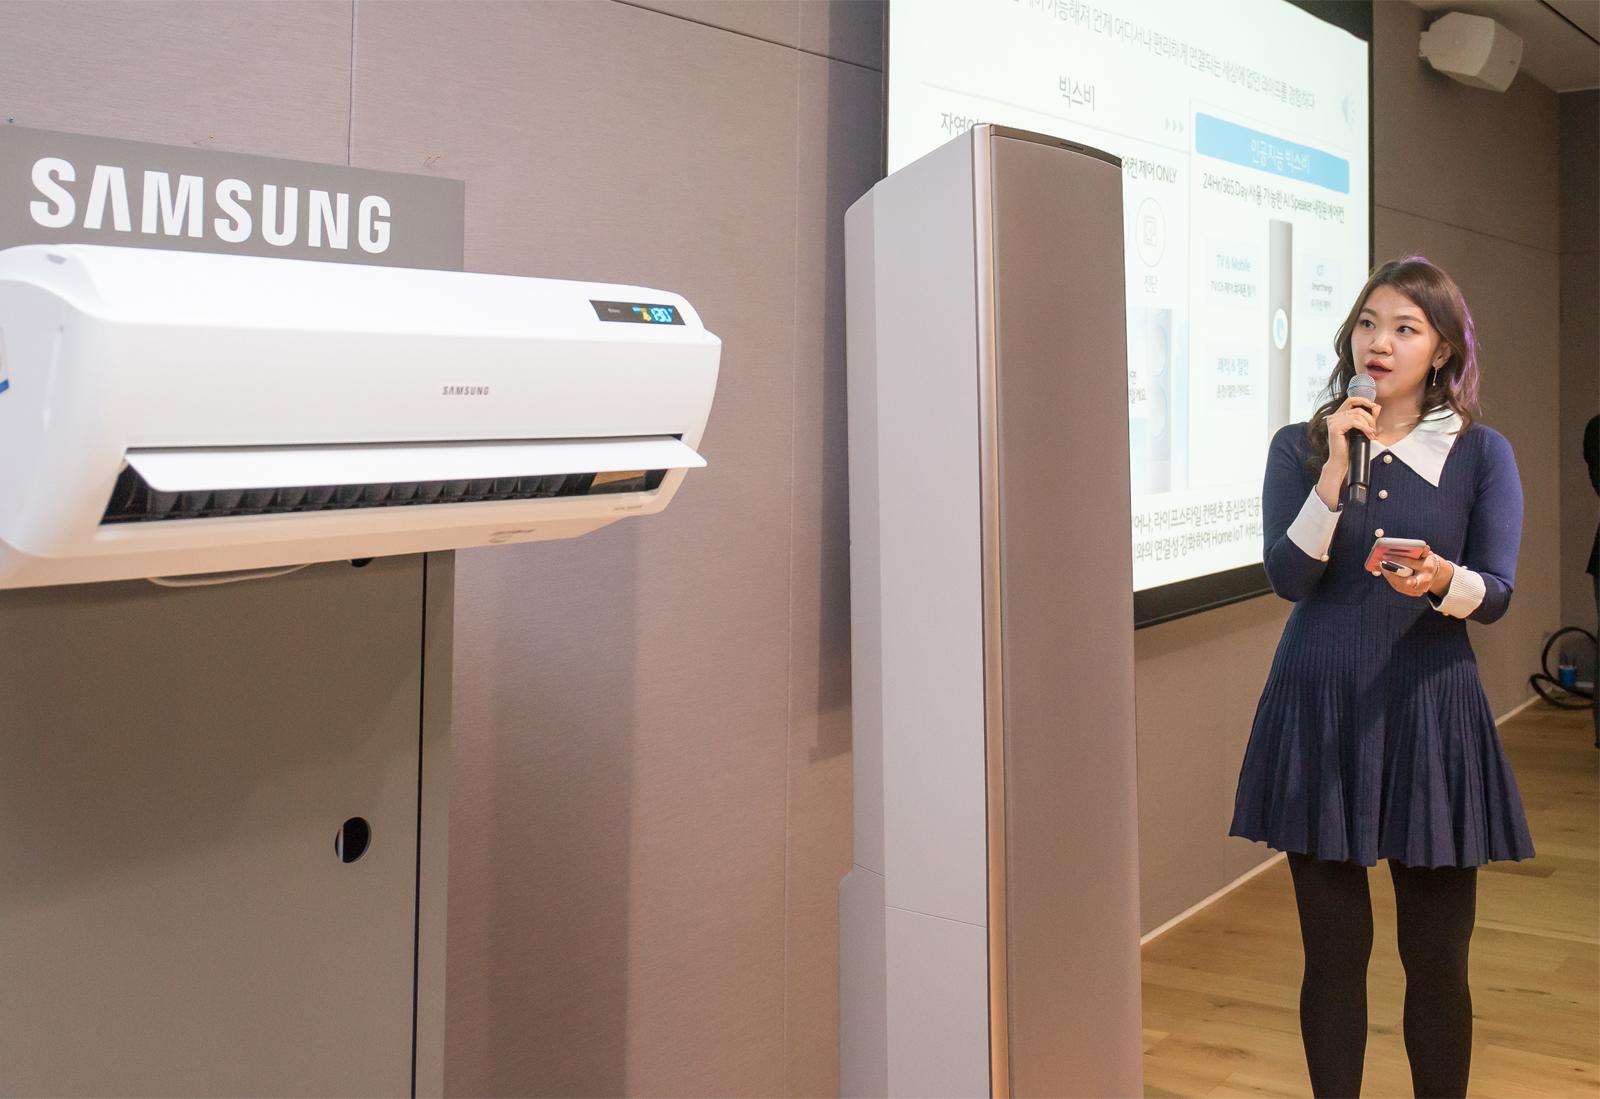 삼성전자 생활가전사업부 직원(전략마케팅팀 이경주)이 삼성의 독자적인 인공지능 플랫폼 '뉴 빅스비'를 통한 '무풍에어컨' 제품 시연을 하고 있다.